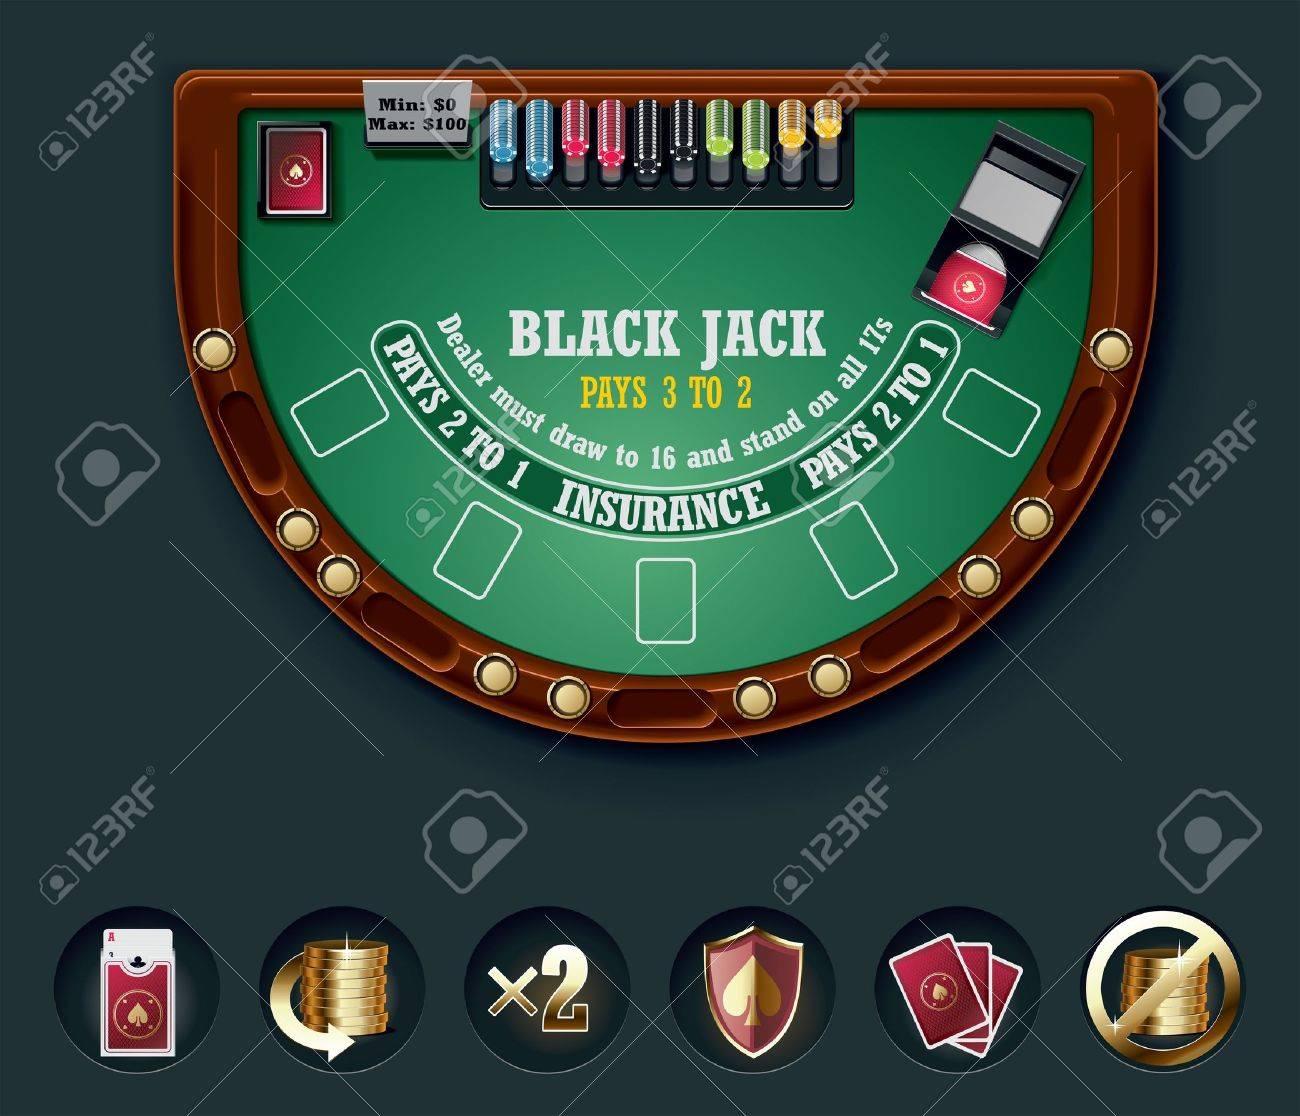 kazino-blekdzhek-minsk